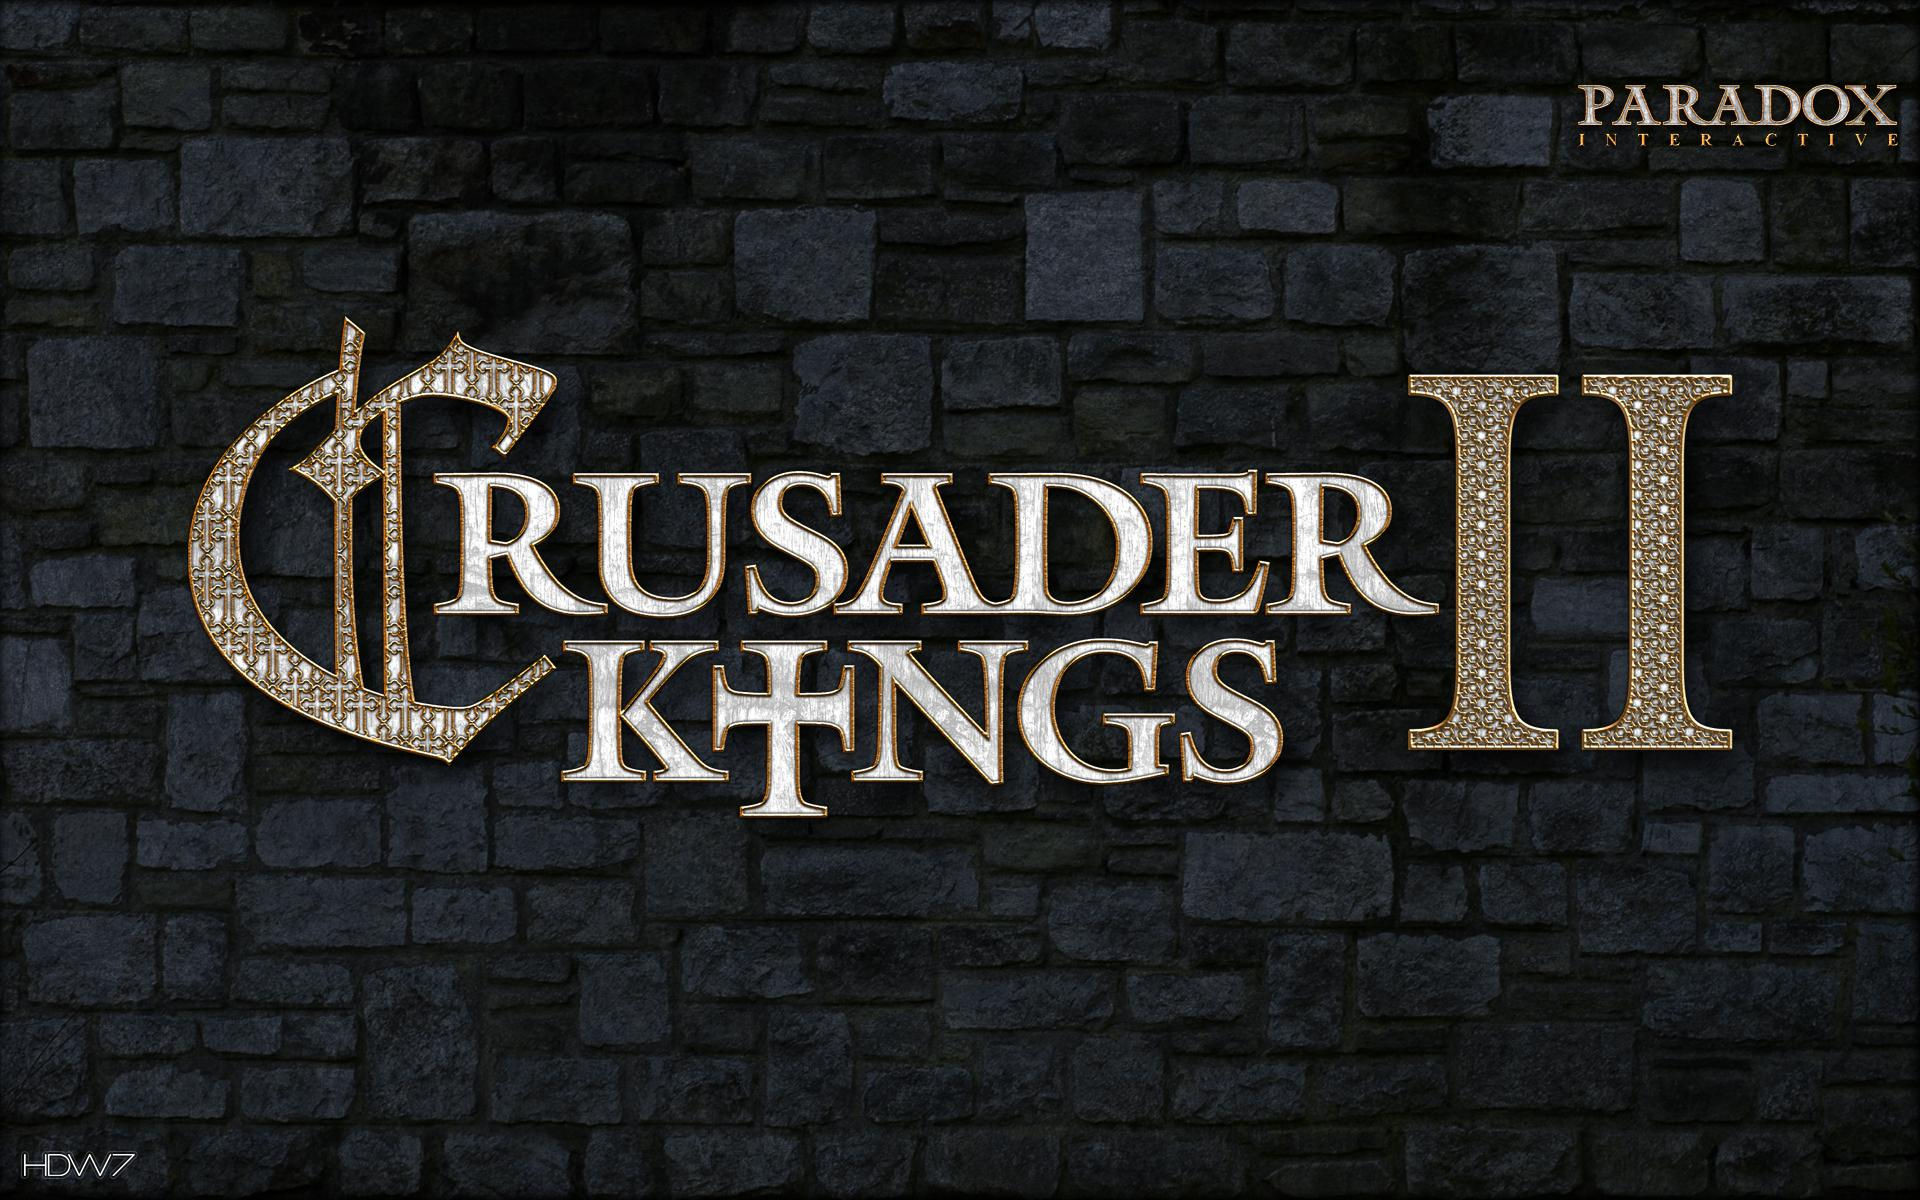 crusader kings 2 crusader kings 2 widescreen wallpaper